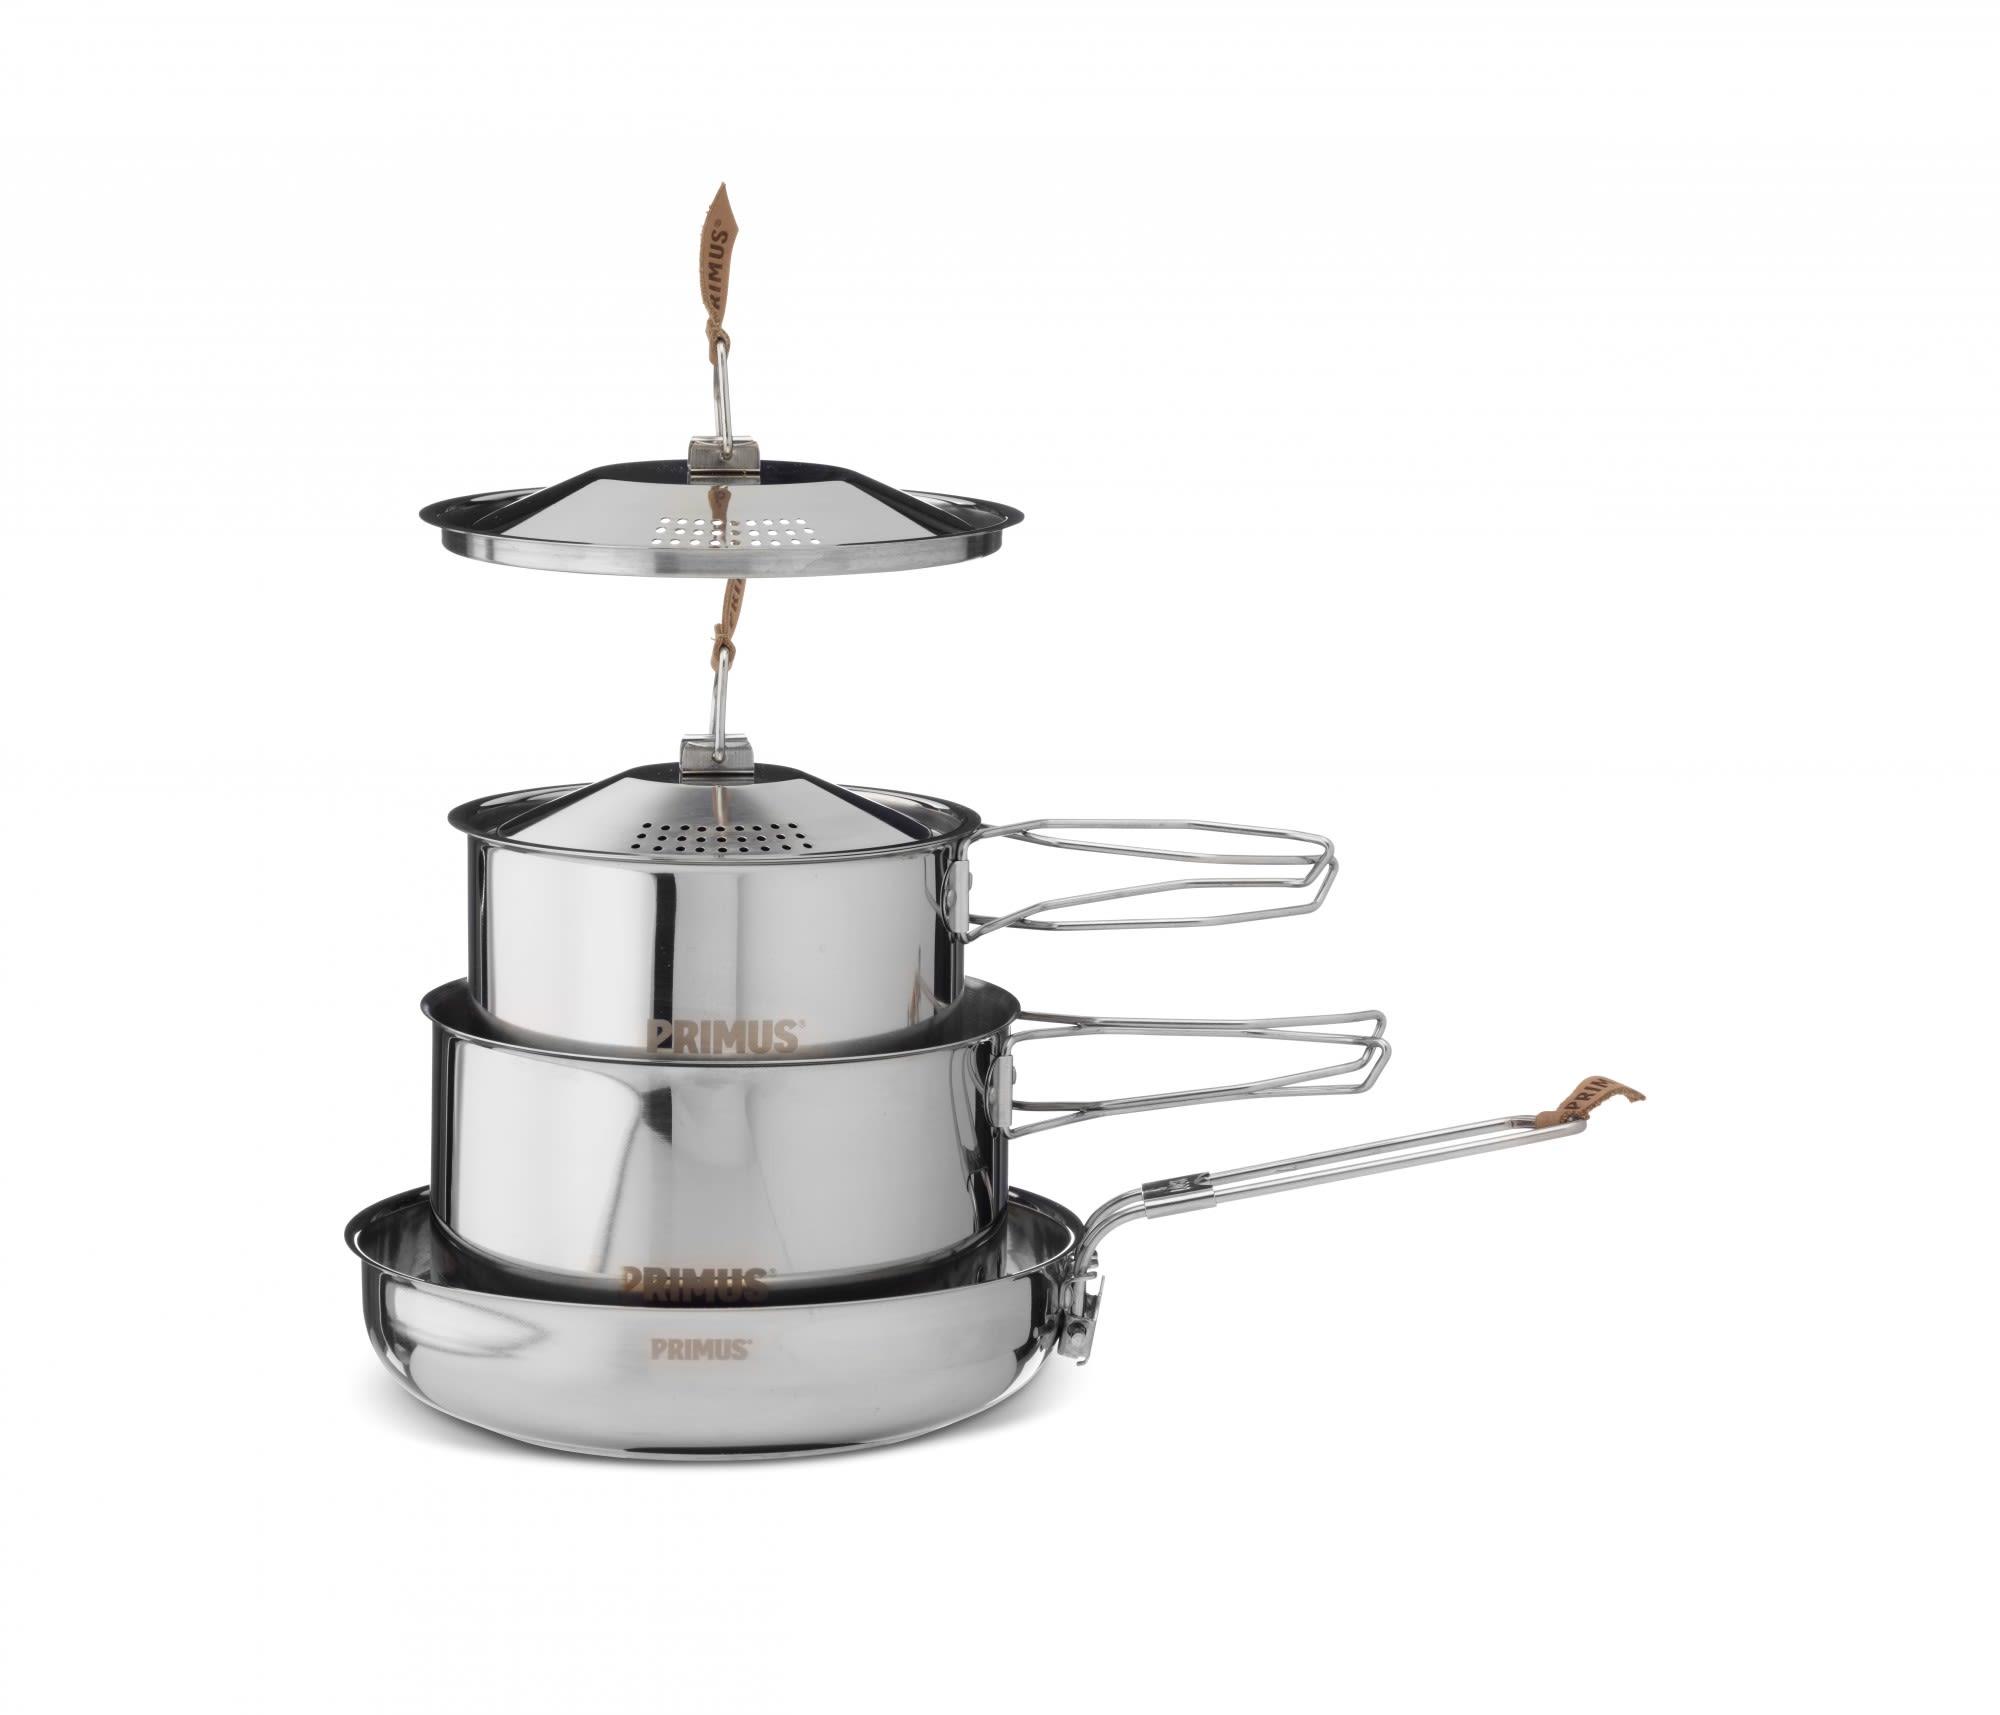 Primus Campfire Edelstahlset Small | Größe One Size |  Ausrüstung